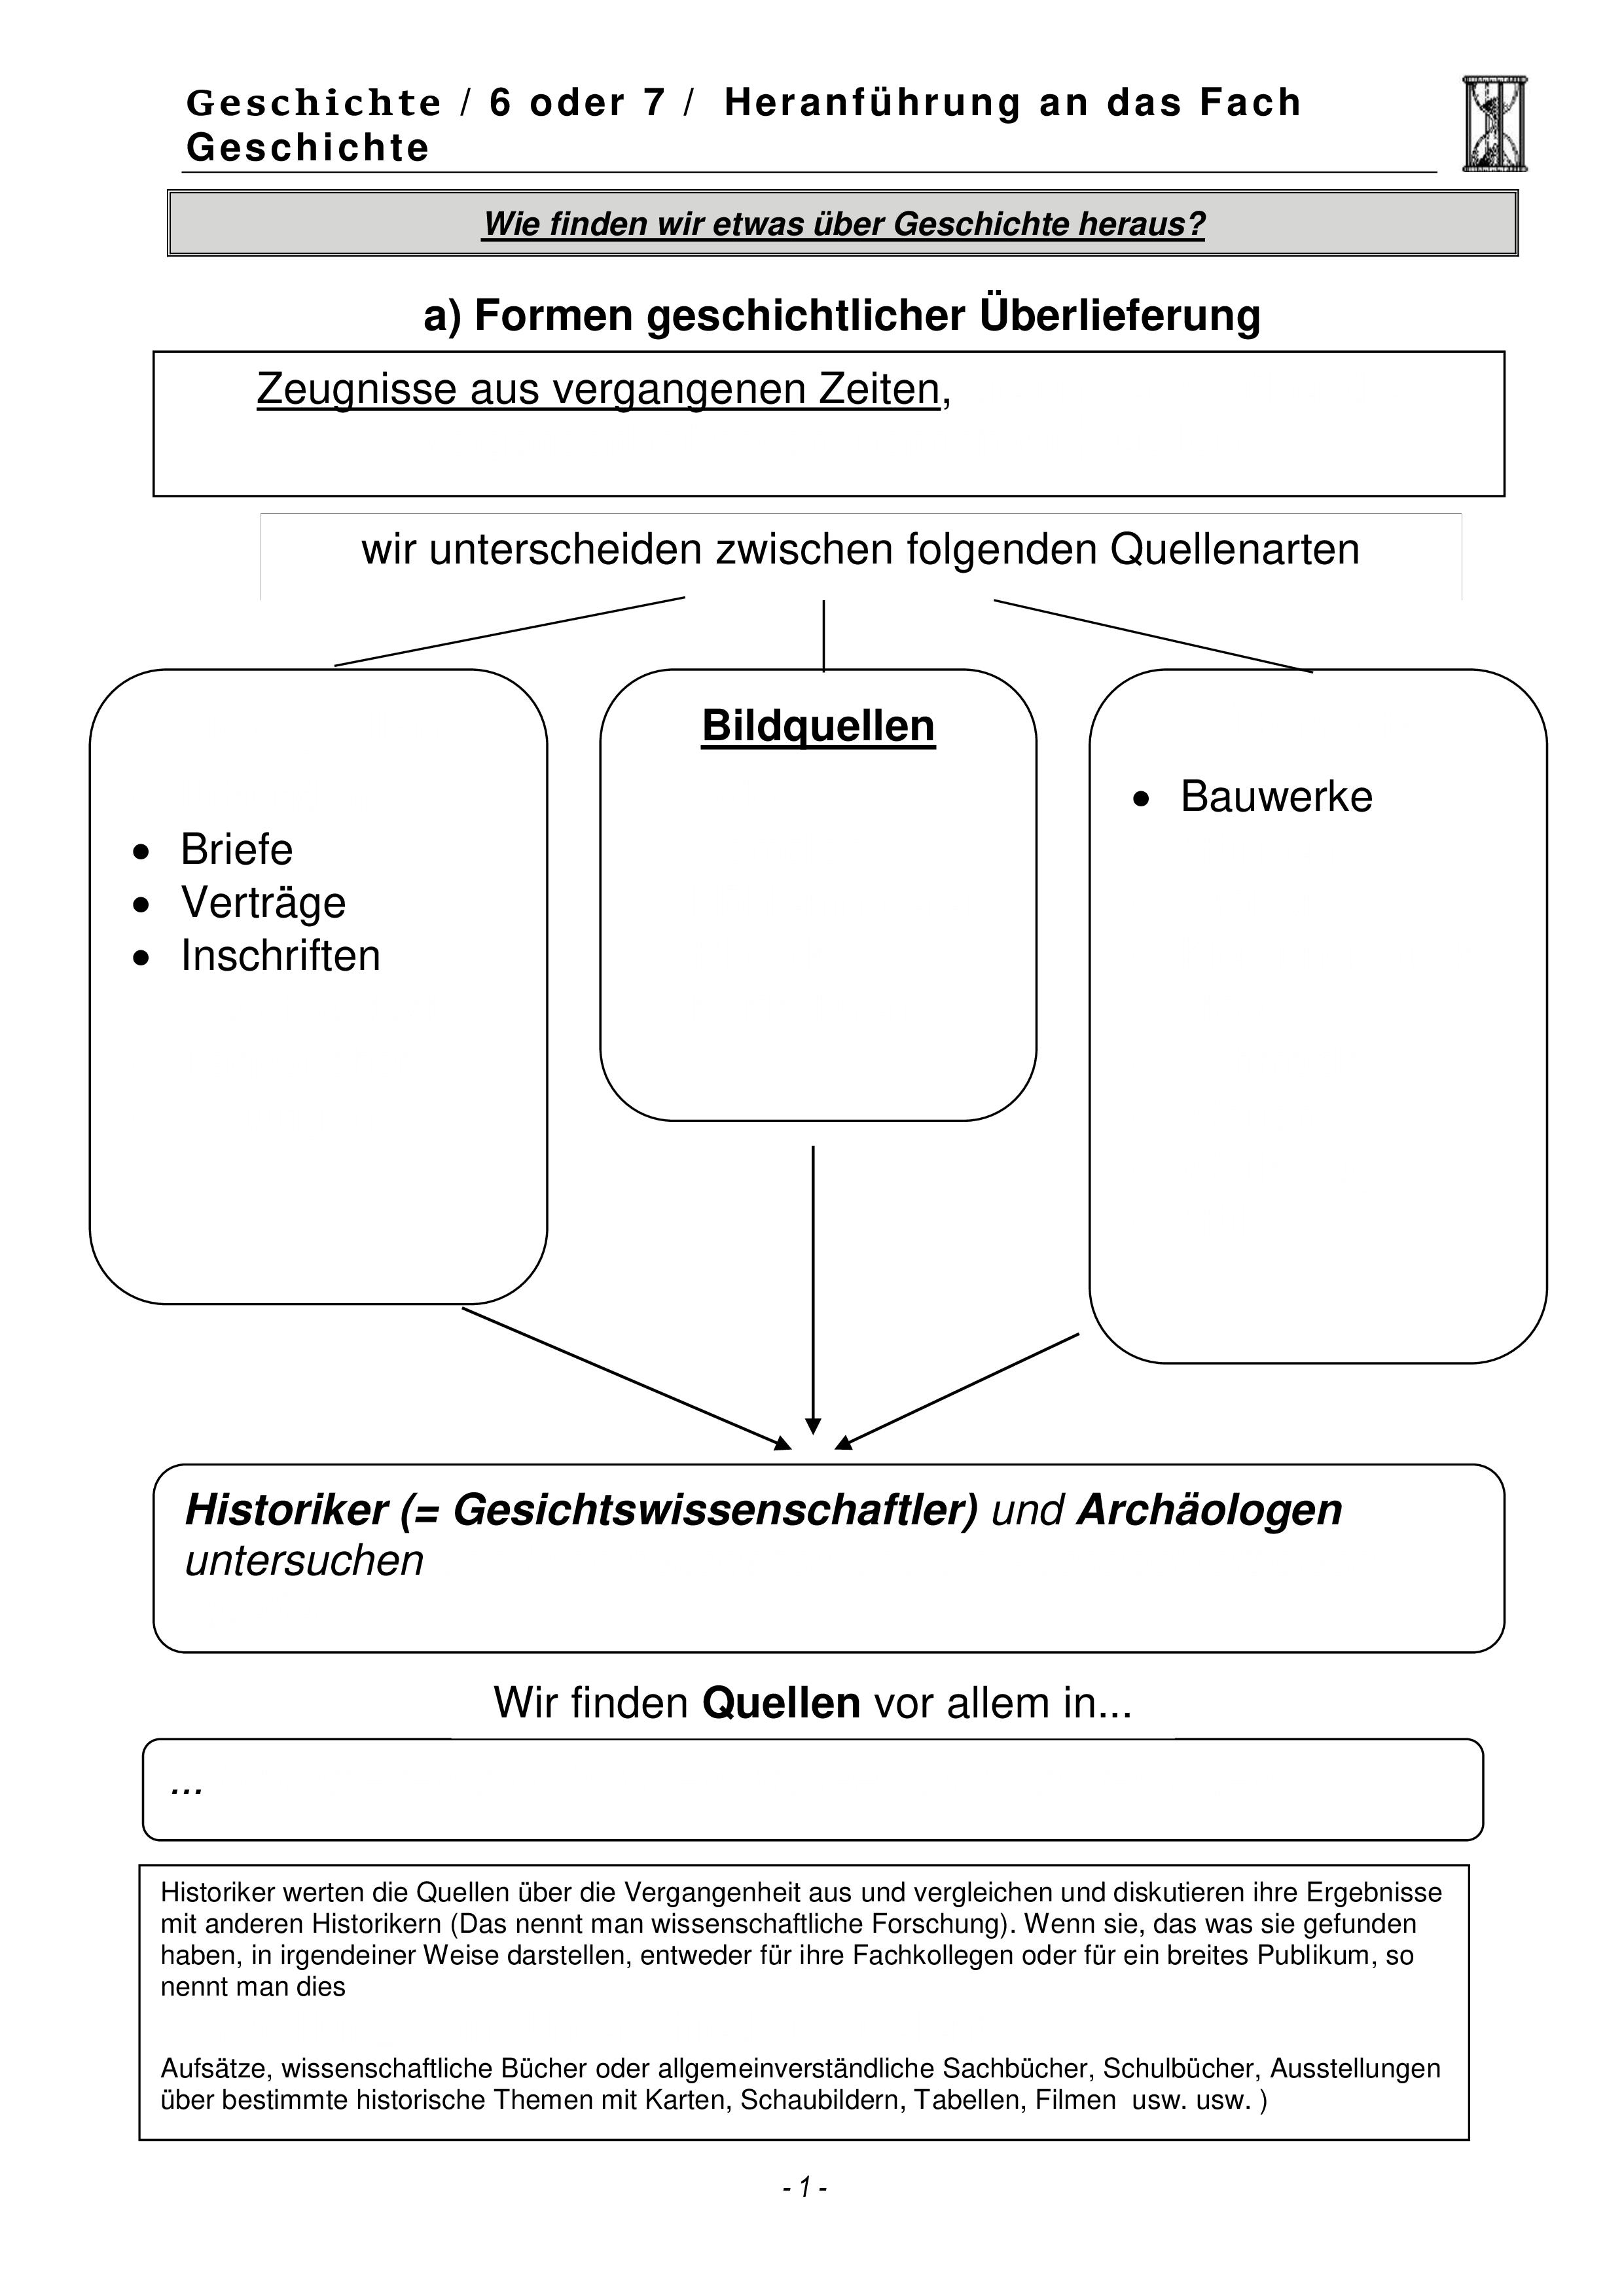 Heranfuhrung An Die Geschichte Quellen Und Darstellung Unterrichtsmaterial Im Fach Geschichte In 2020 Geschichte Unterrichtsmaterial Kenntnisse